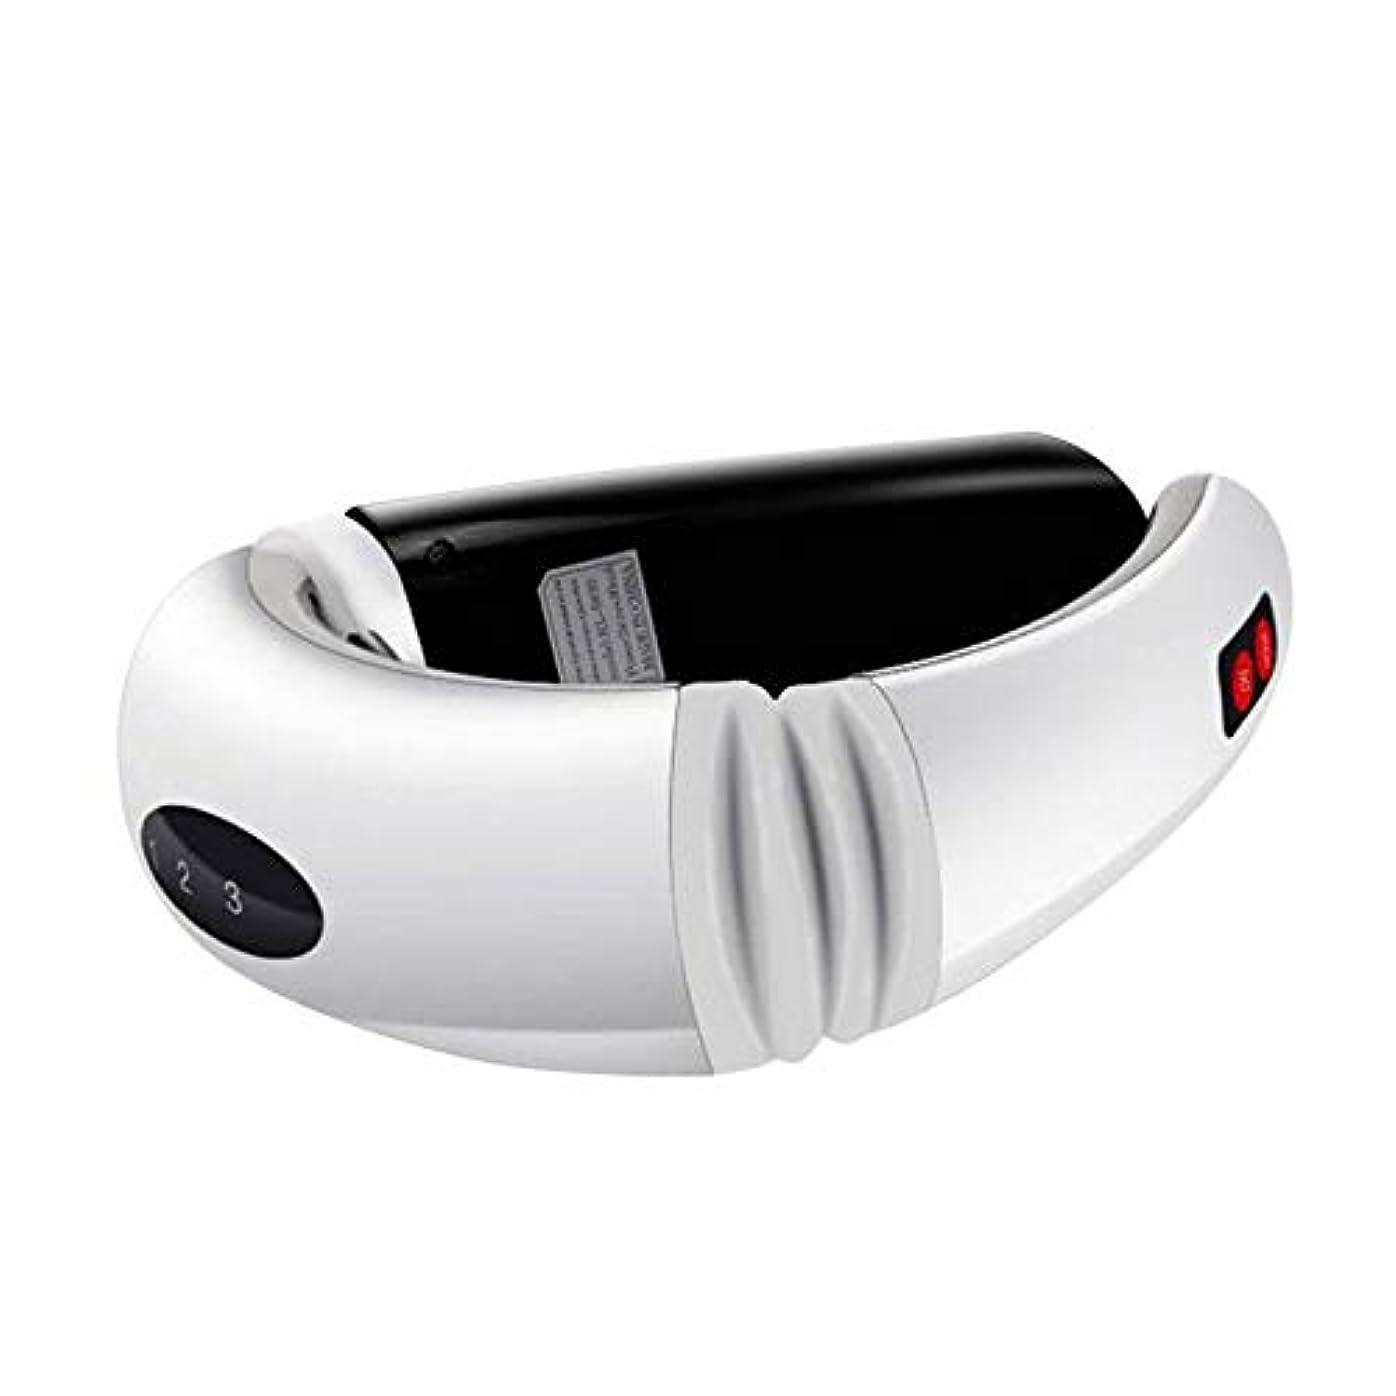 曲がった序文ラック首のマッサージャー電気USB再充電可能な子宮頸マッサージャーは、痛みの痛みの筋肉を取り除く車のオフィスとホームホワイト